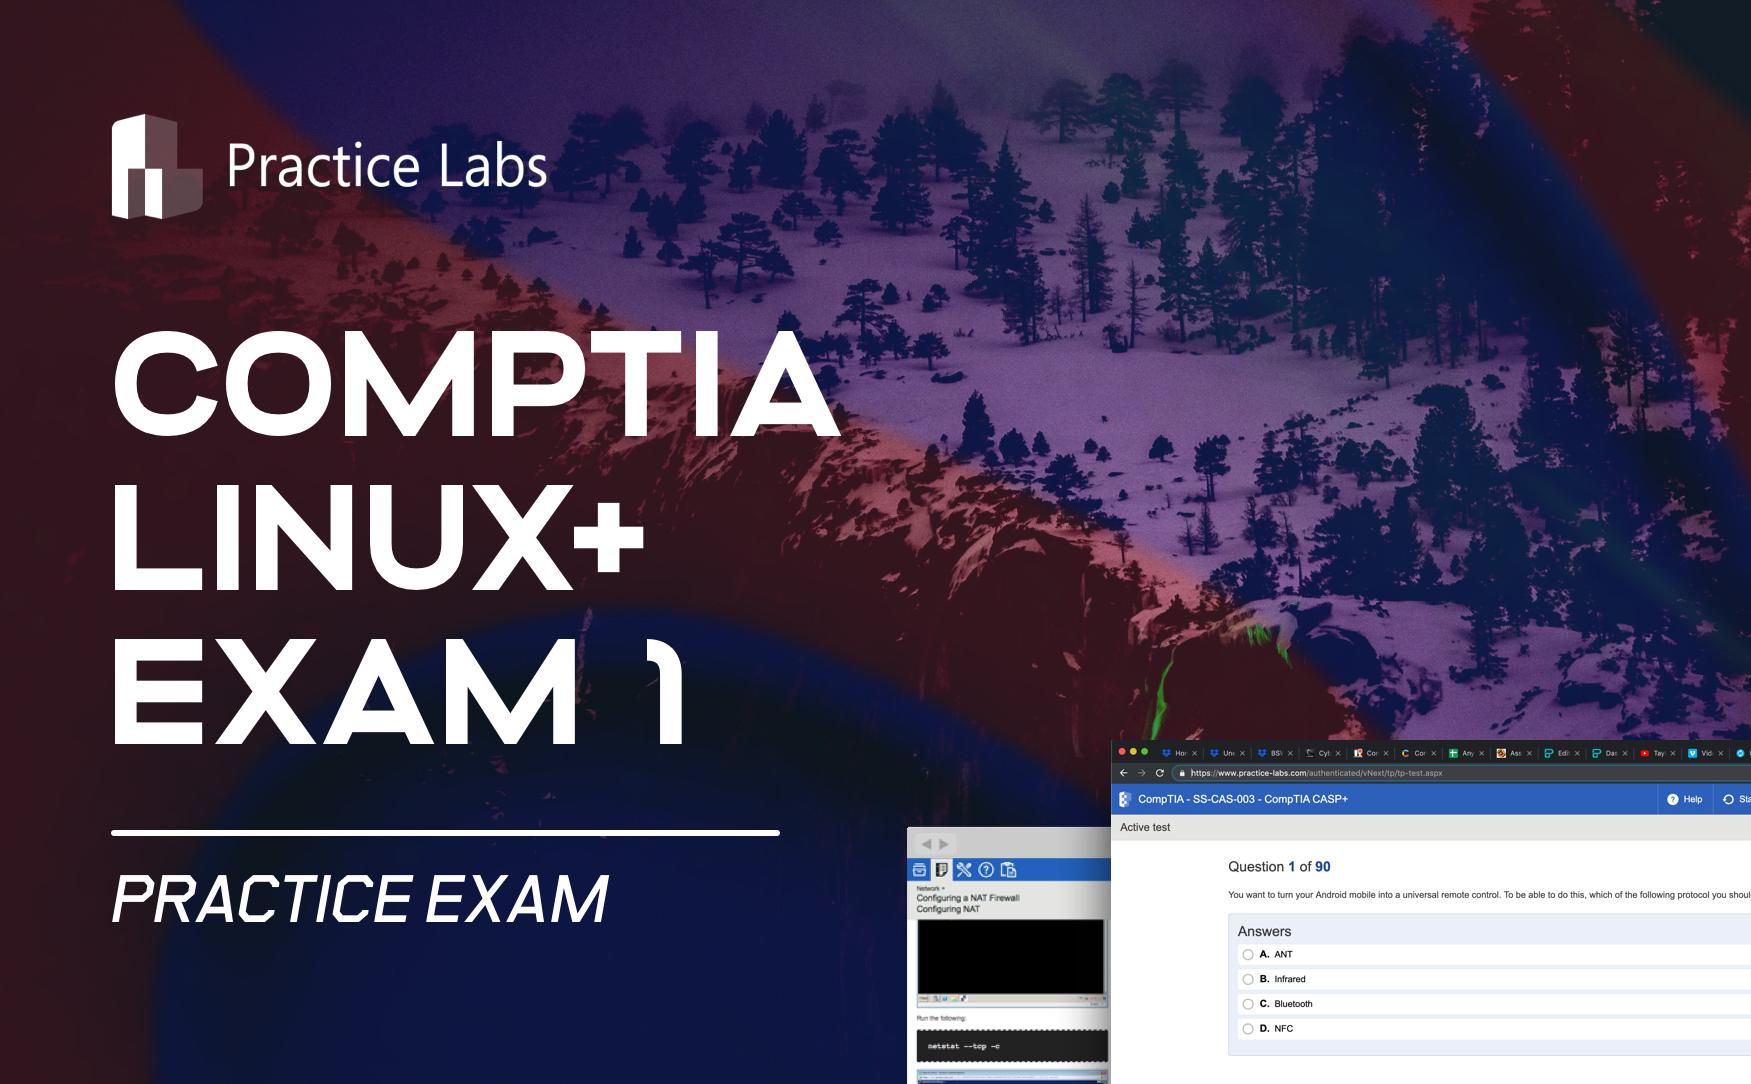 Practice Labs Exam